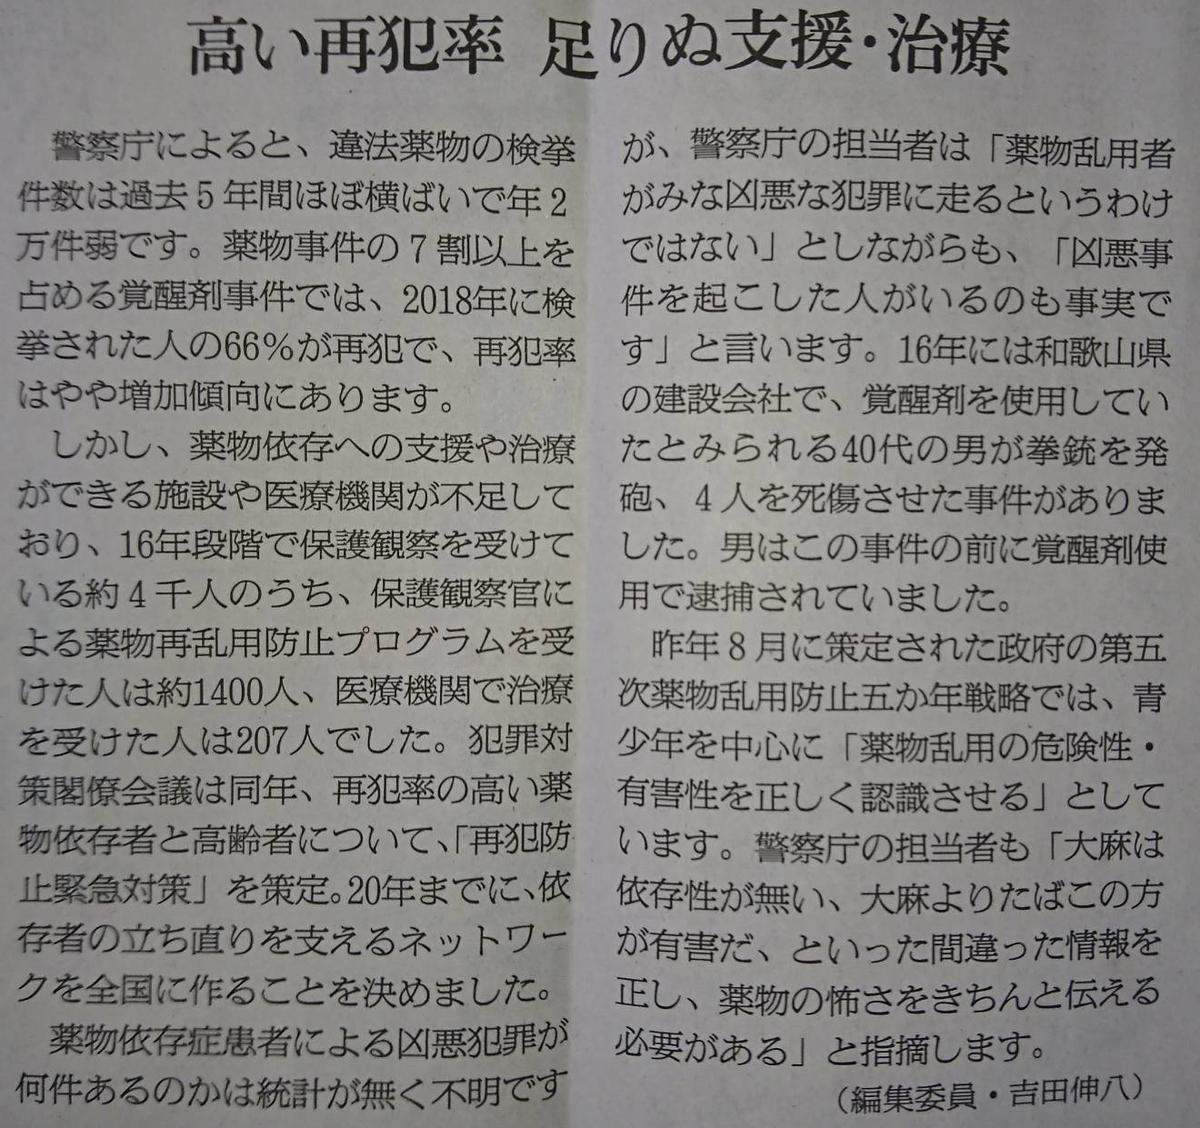 f:id:kazura-kobayashi:20200719154822j:plain